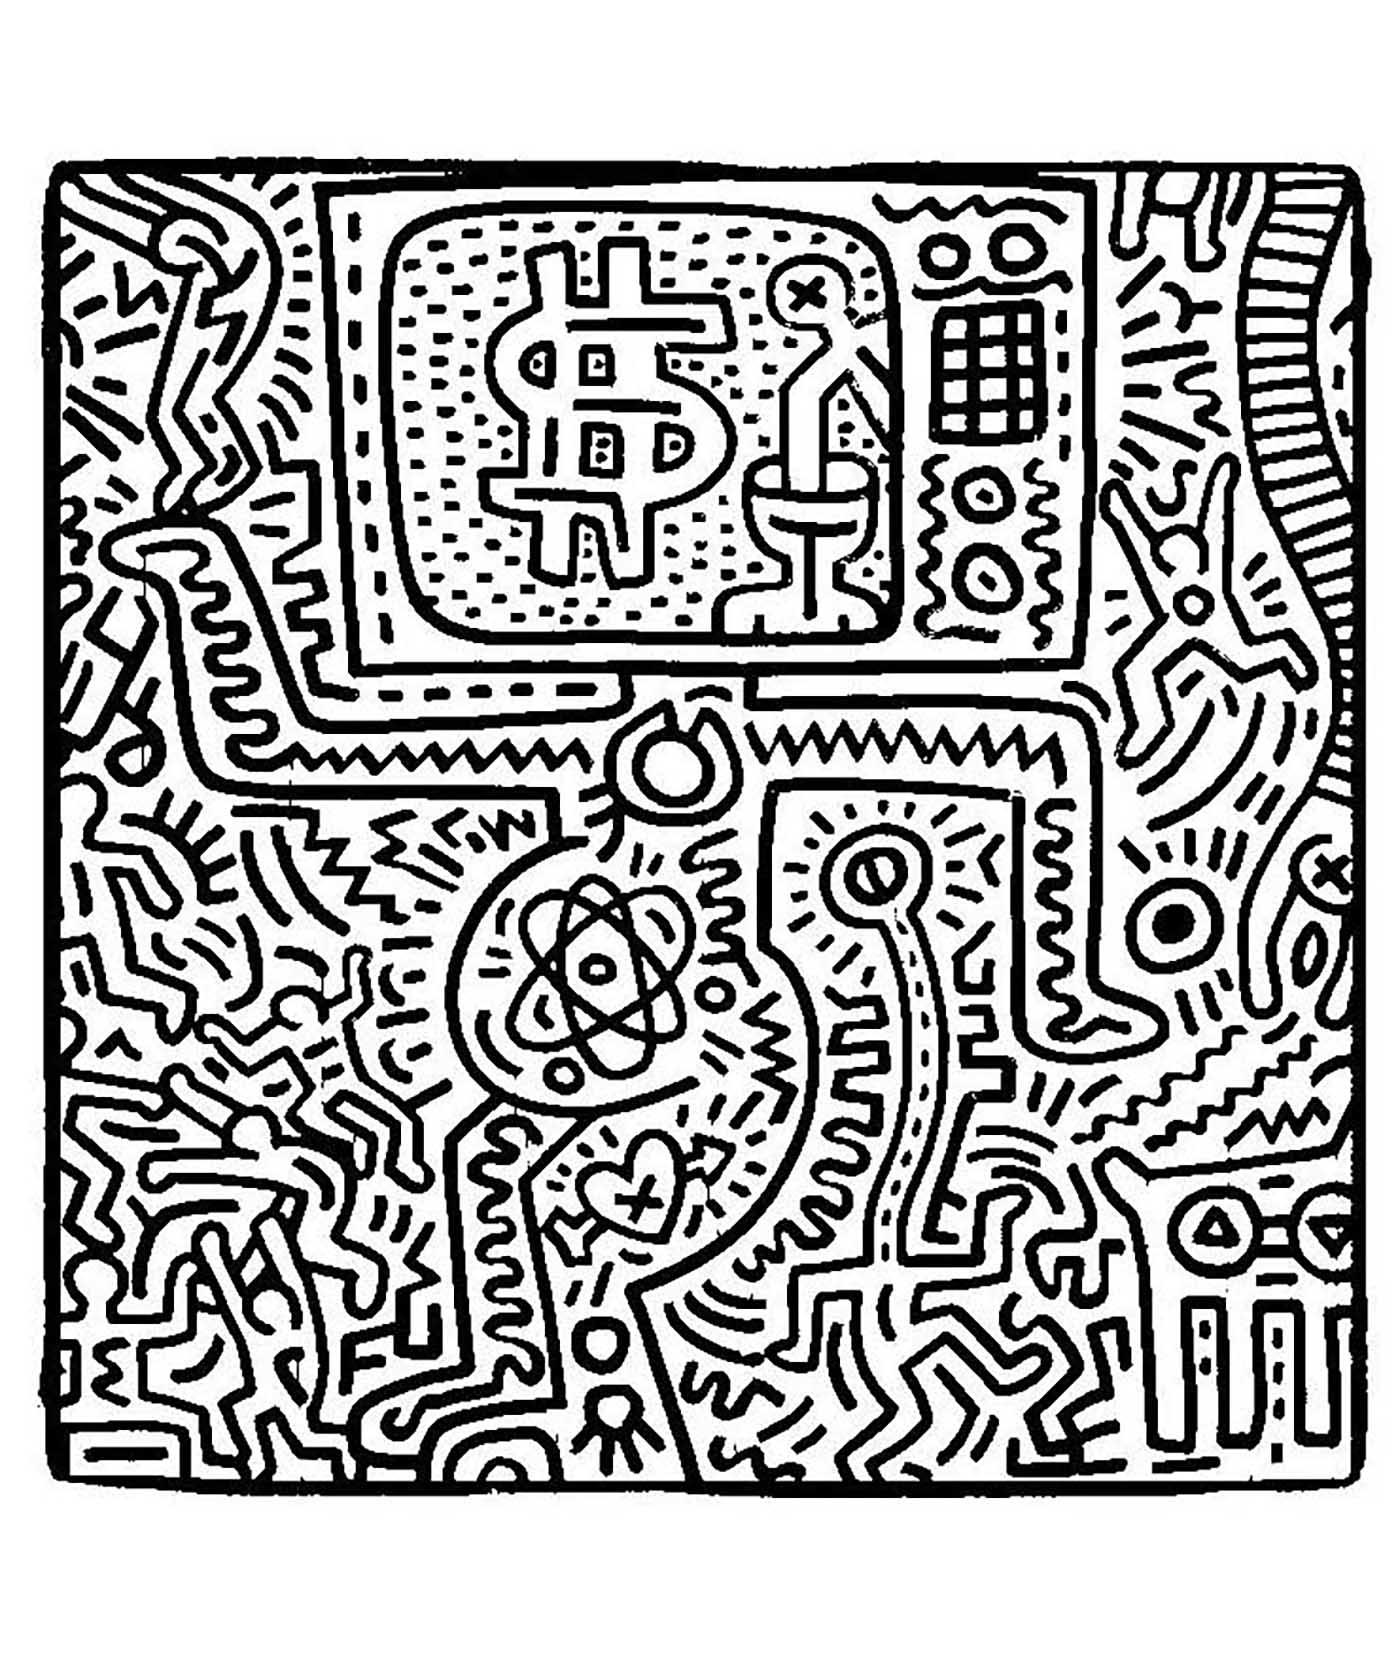 Coloriage créé à partir d'une oeuvre de Keith Haring. Une oeuvre pleine de symbolique